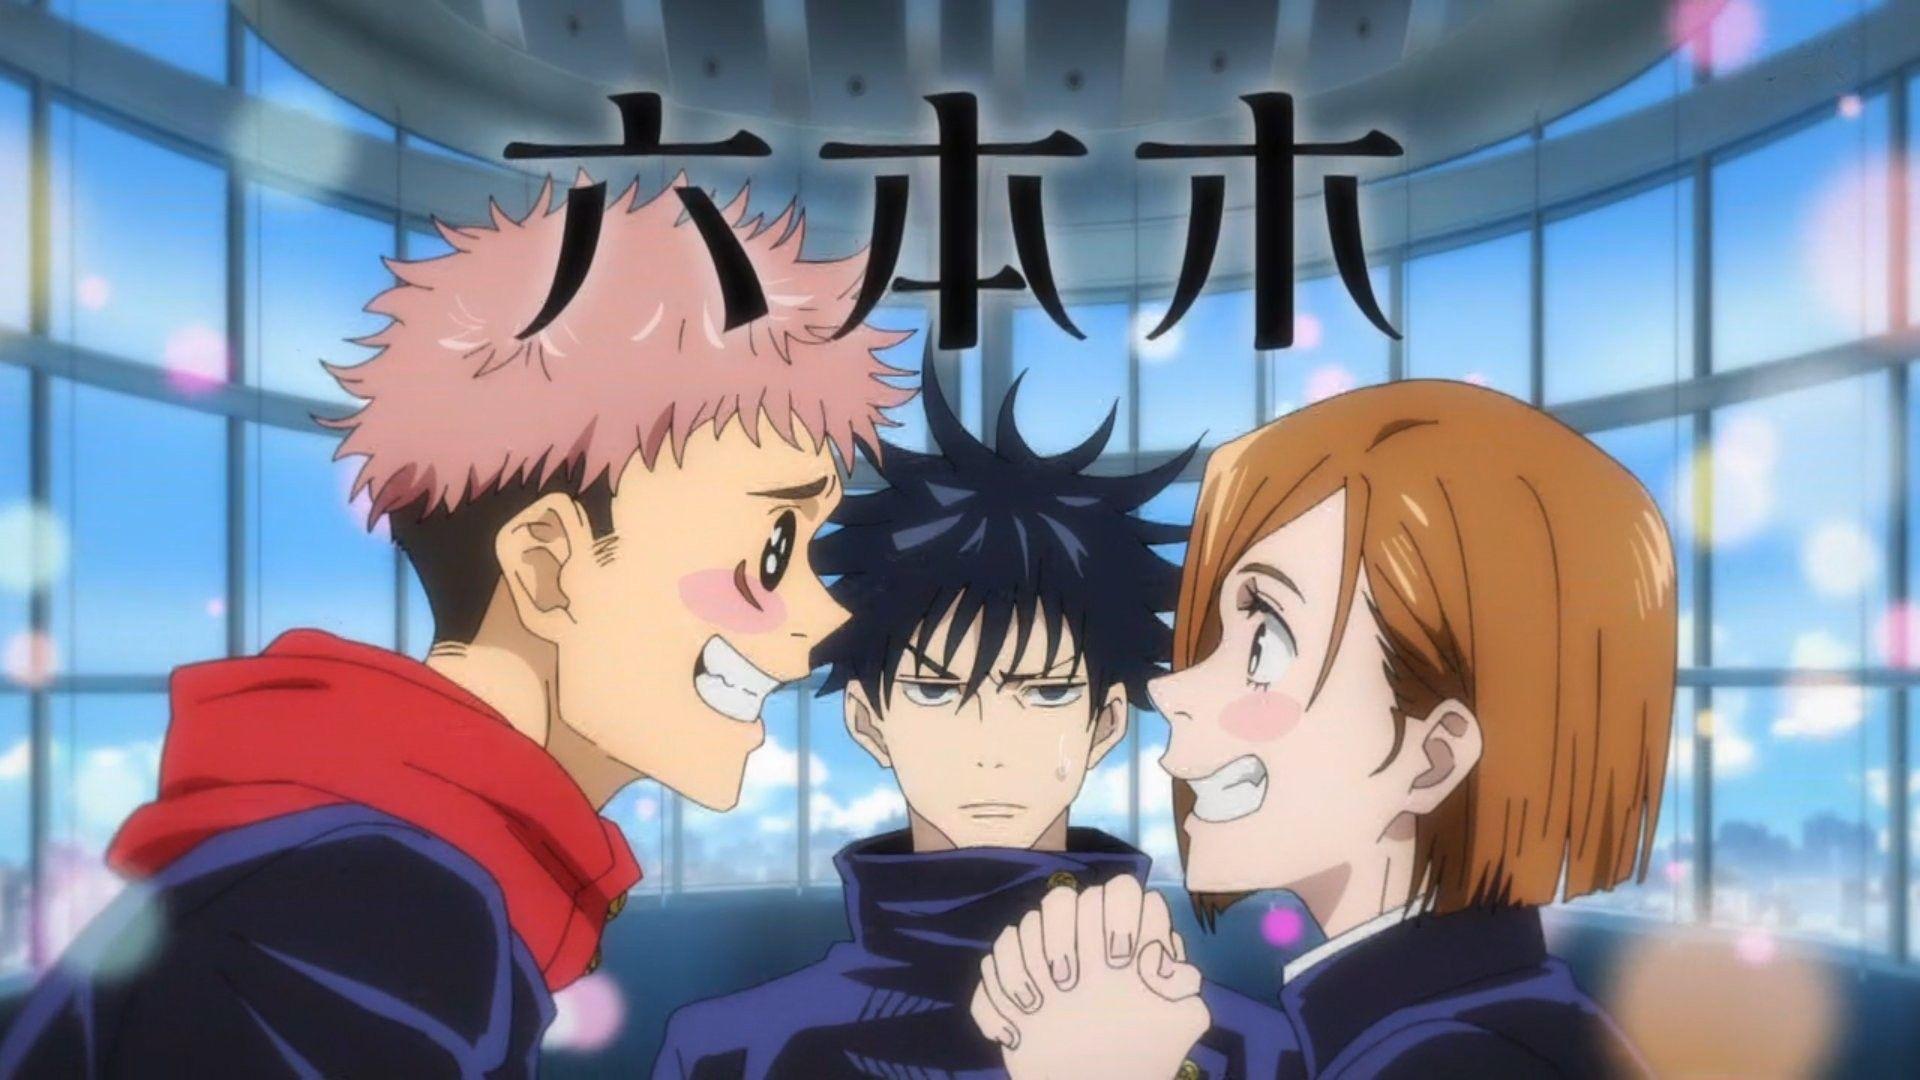 Kugisaki Nobara X Itadori Jujutsu Anime Aesthetic Anime